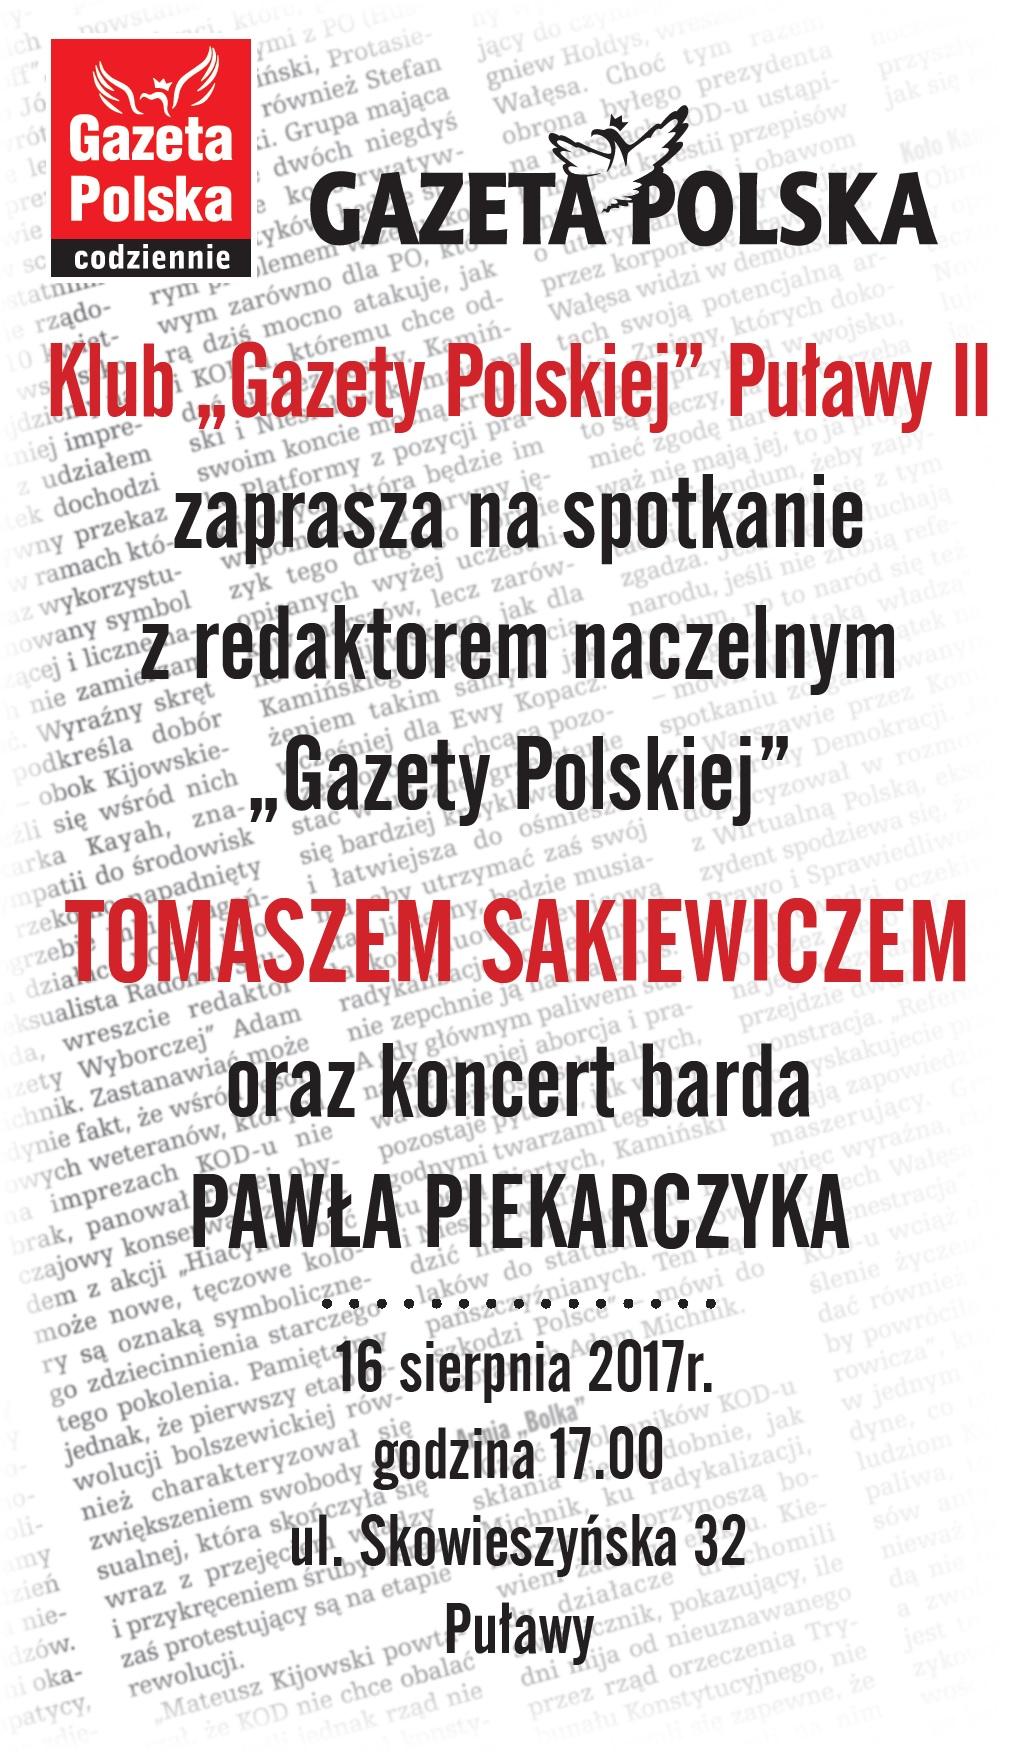 Pulawy II Sakiewicz 2017a